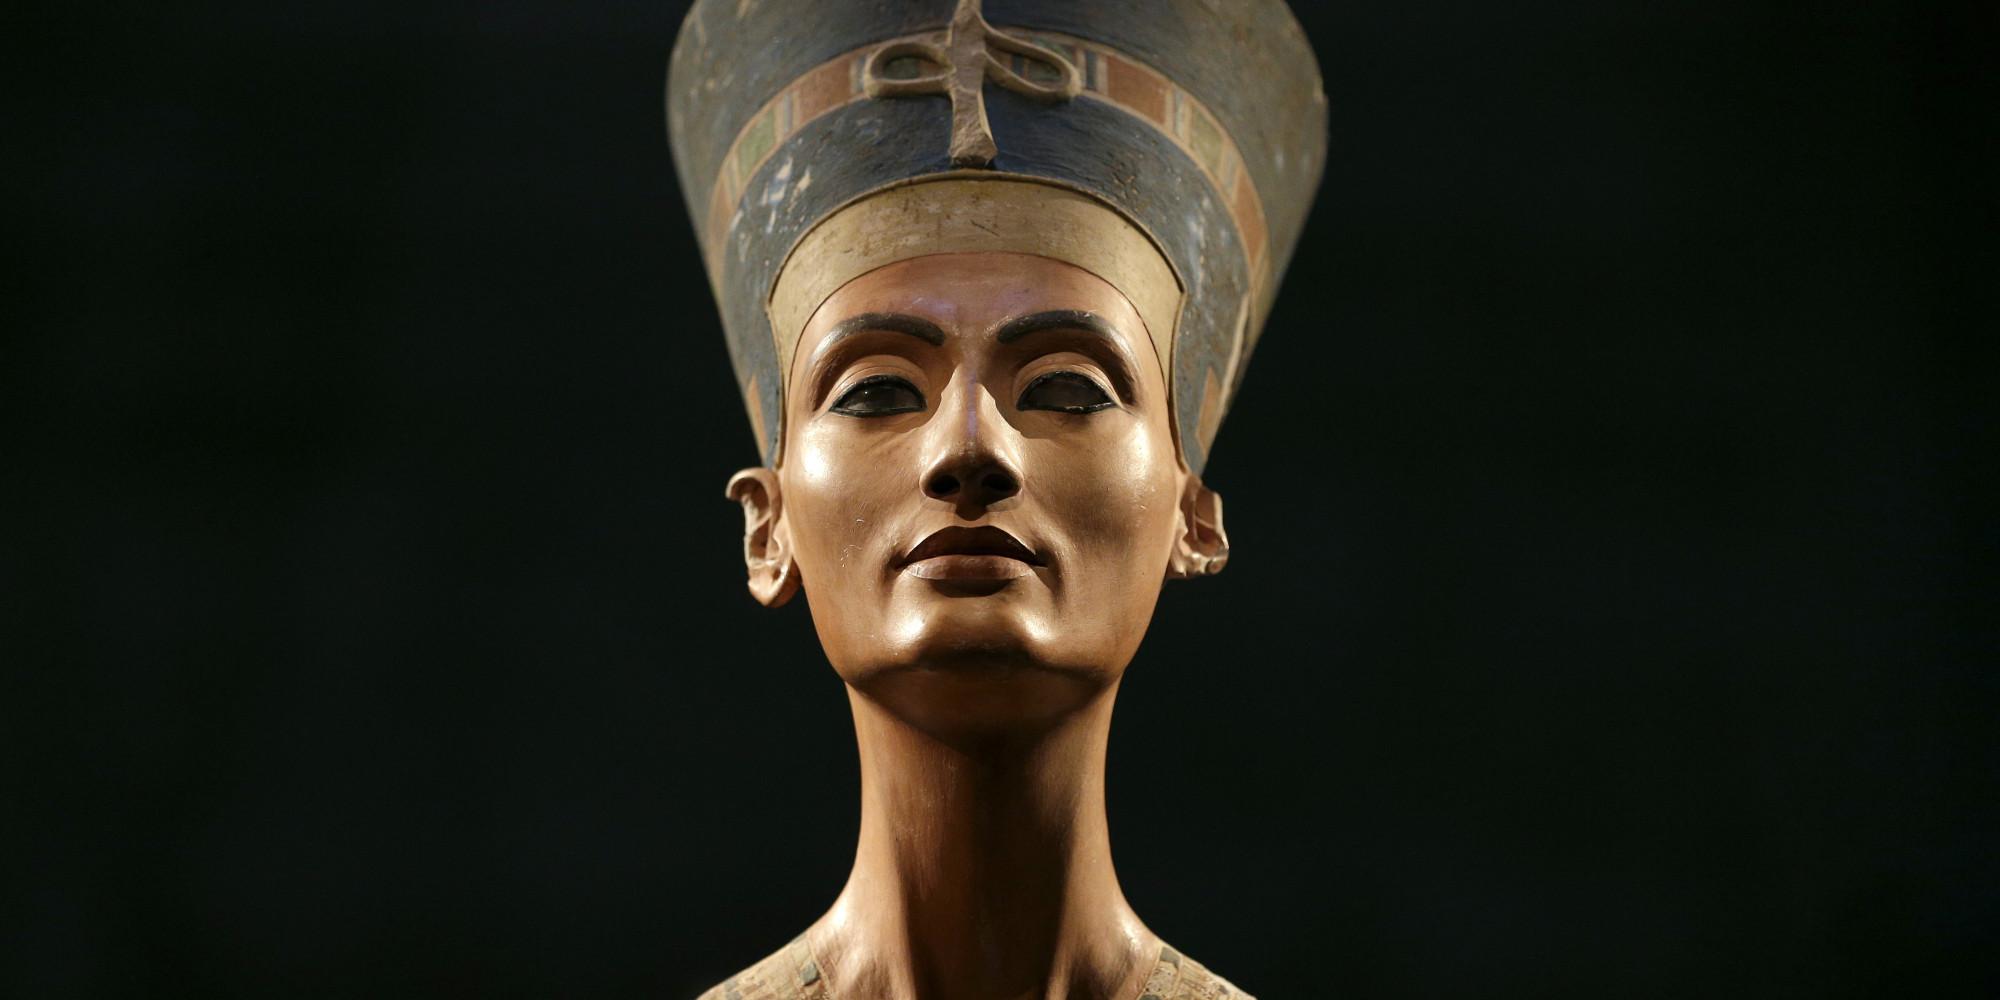 Cleopatra look like 7